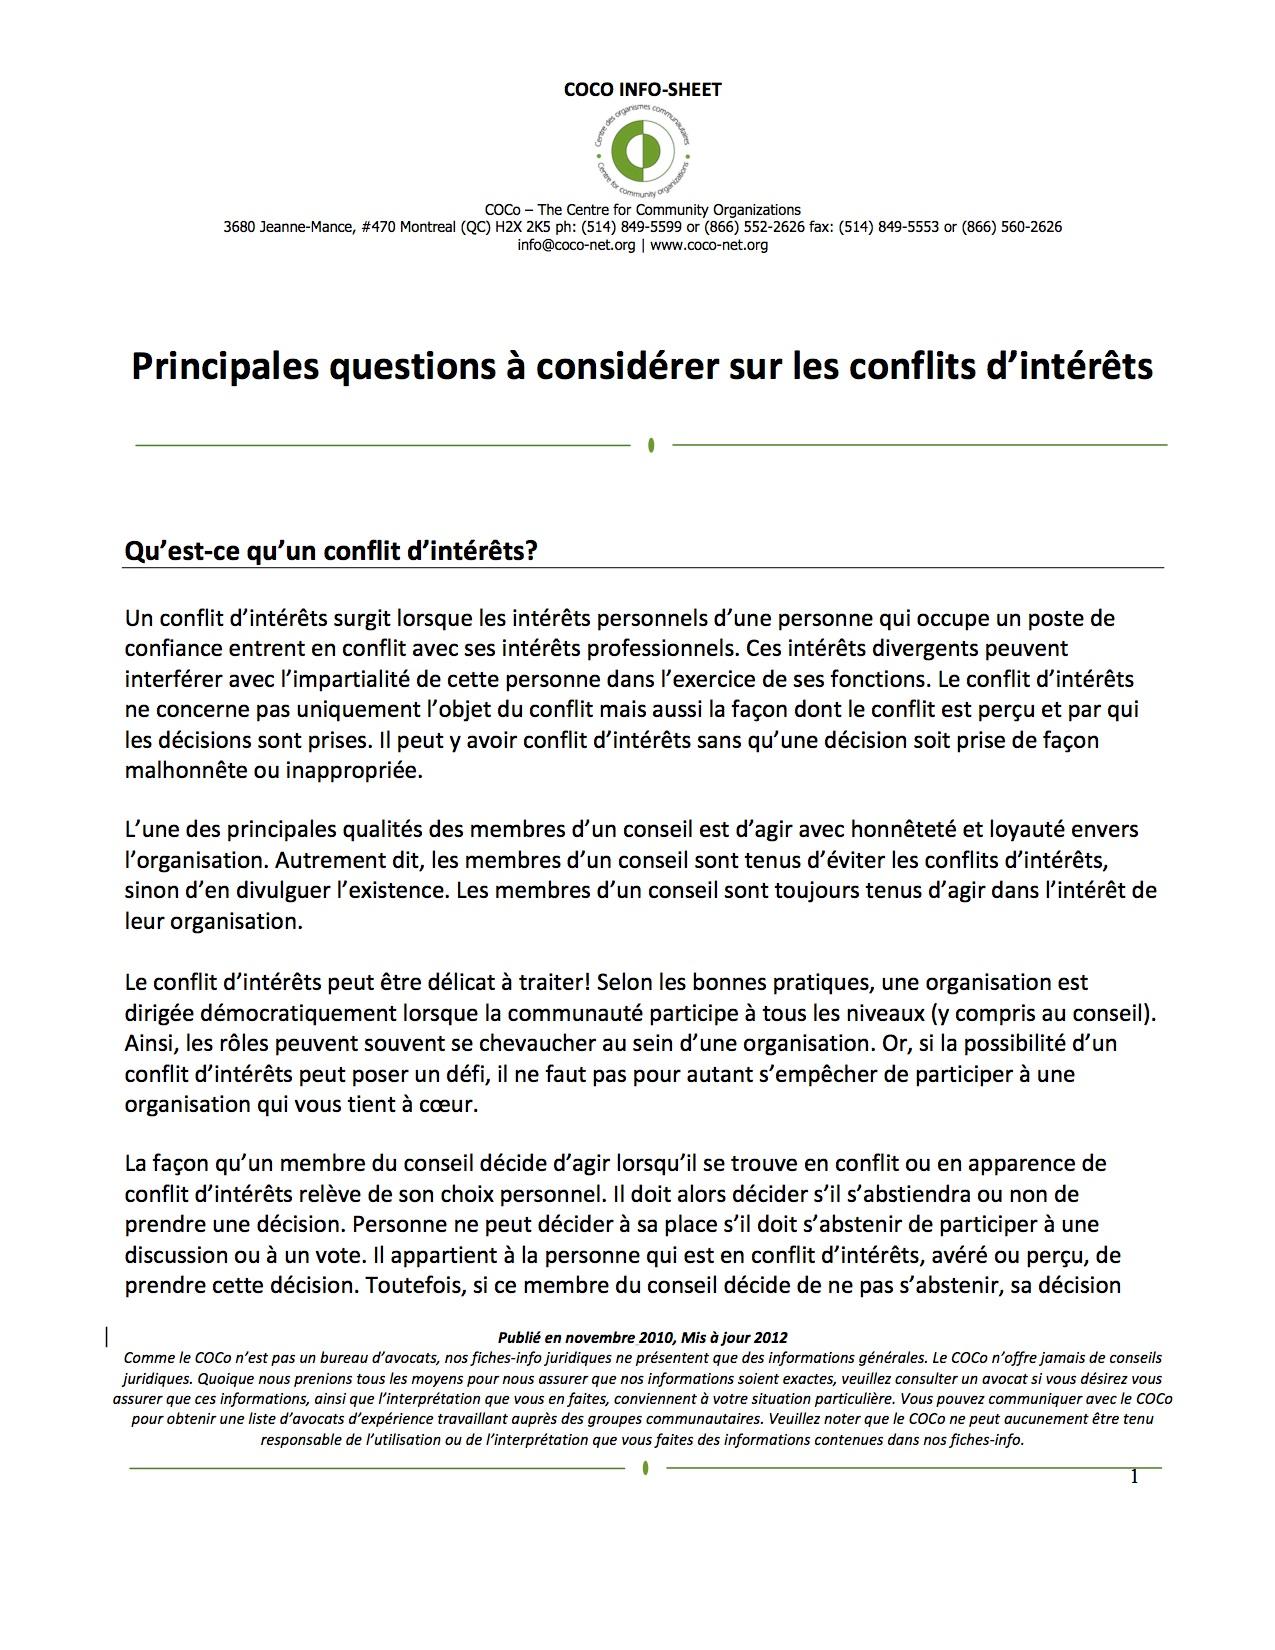 conflits d'intérêts-2012-FR